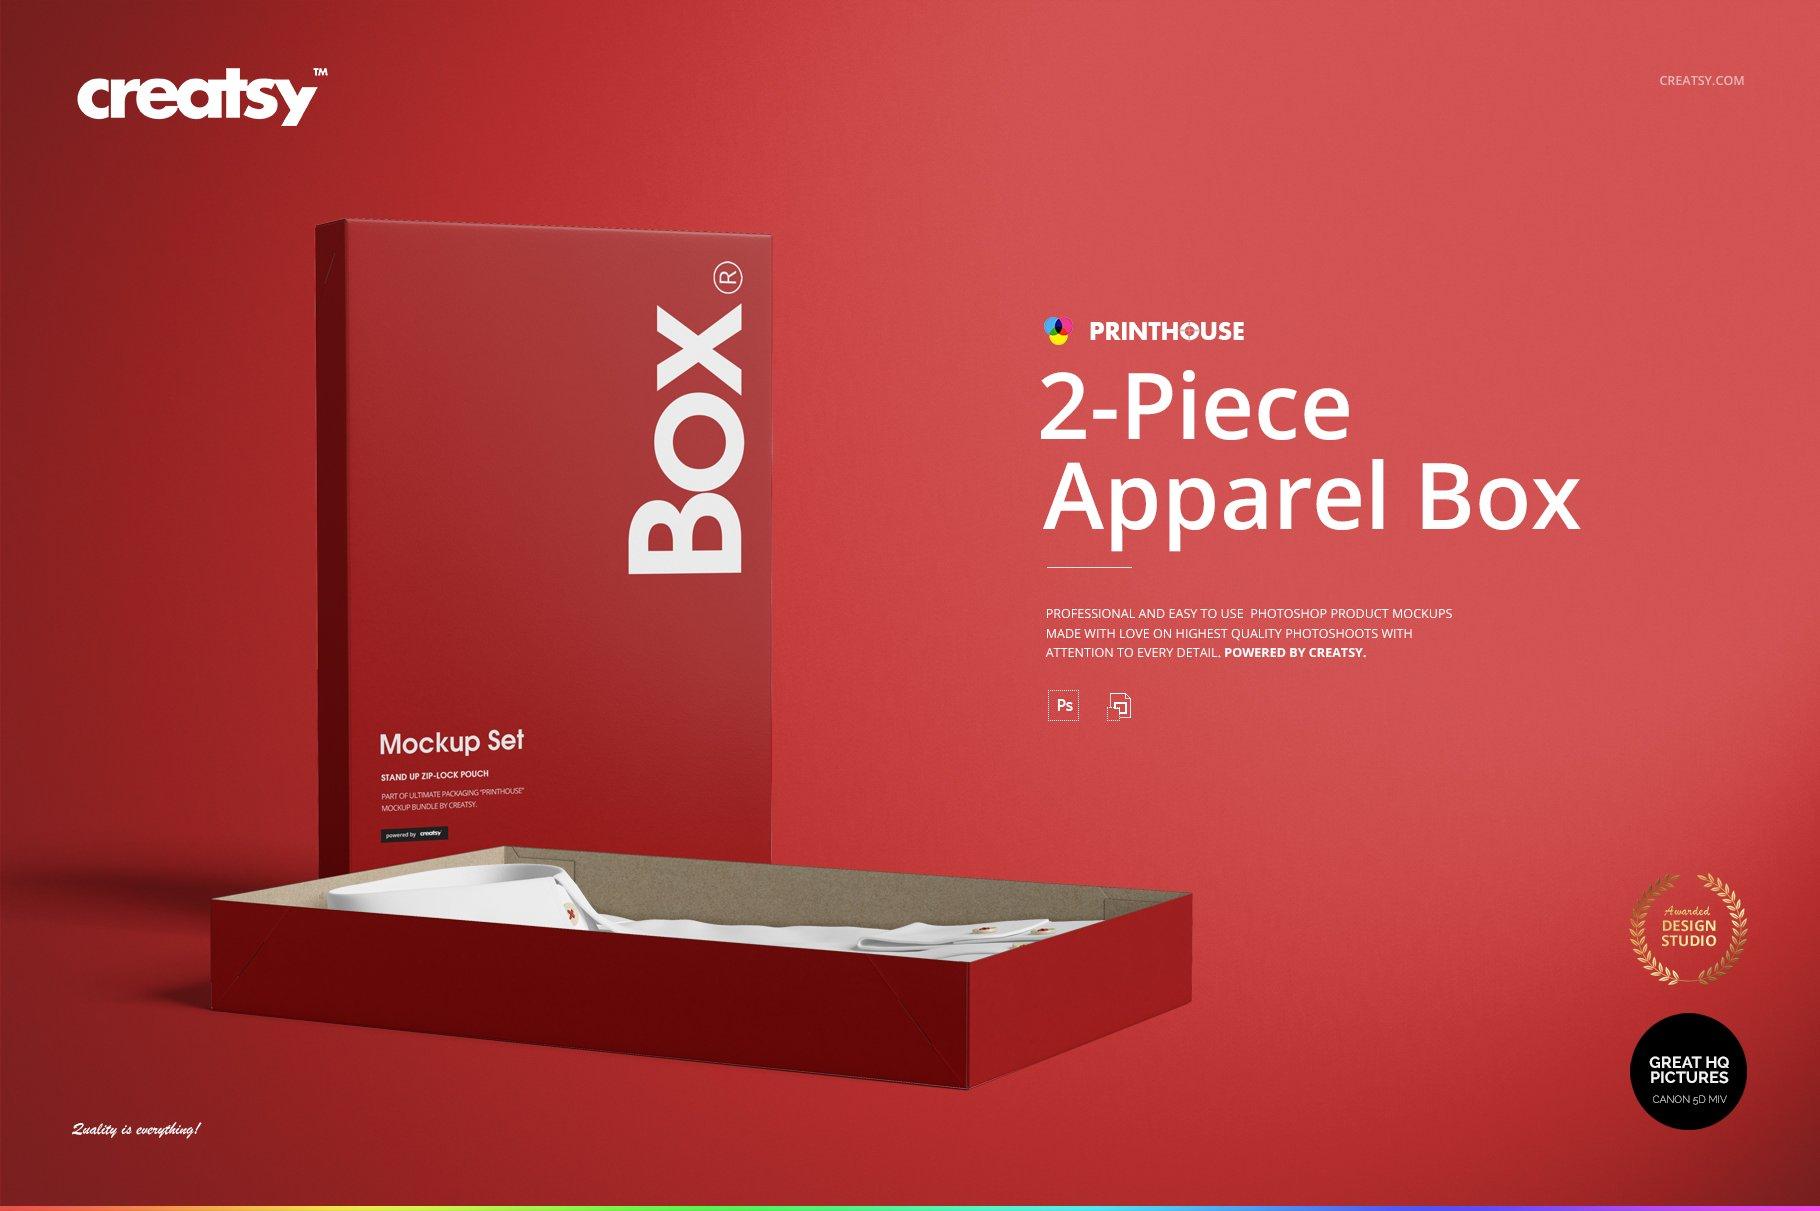 现代时尚服装纸盒设计展示贴图样机模板合集 2-Piece Apparel Box Mockup Set插图